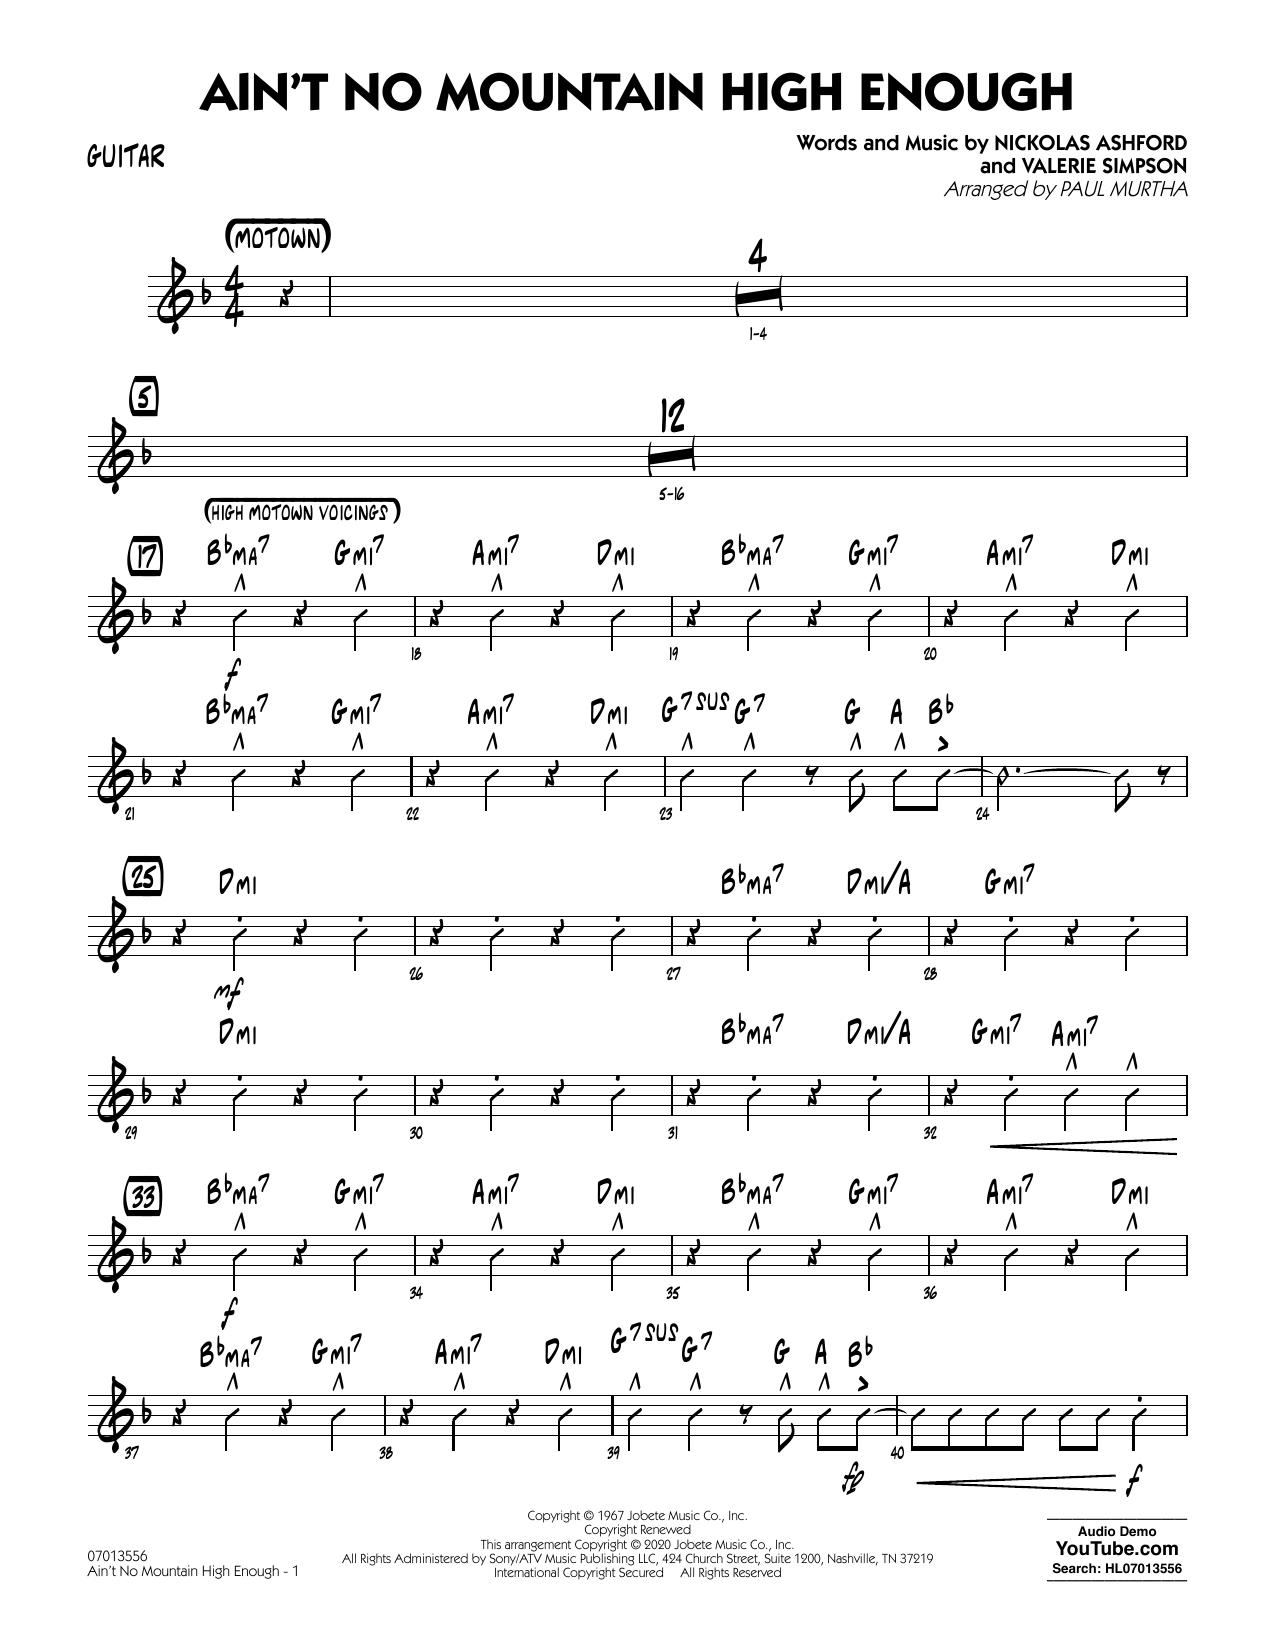 Ain't No Mountain High Enough (arr. Paul Murtha) - Guitar Sheet Music